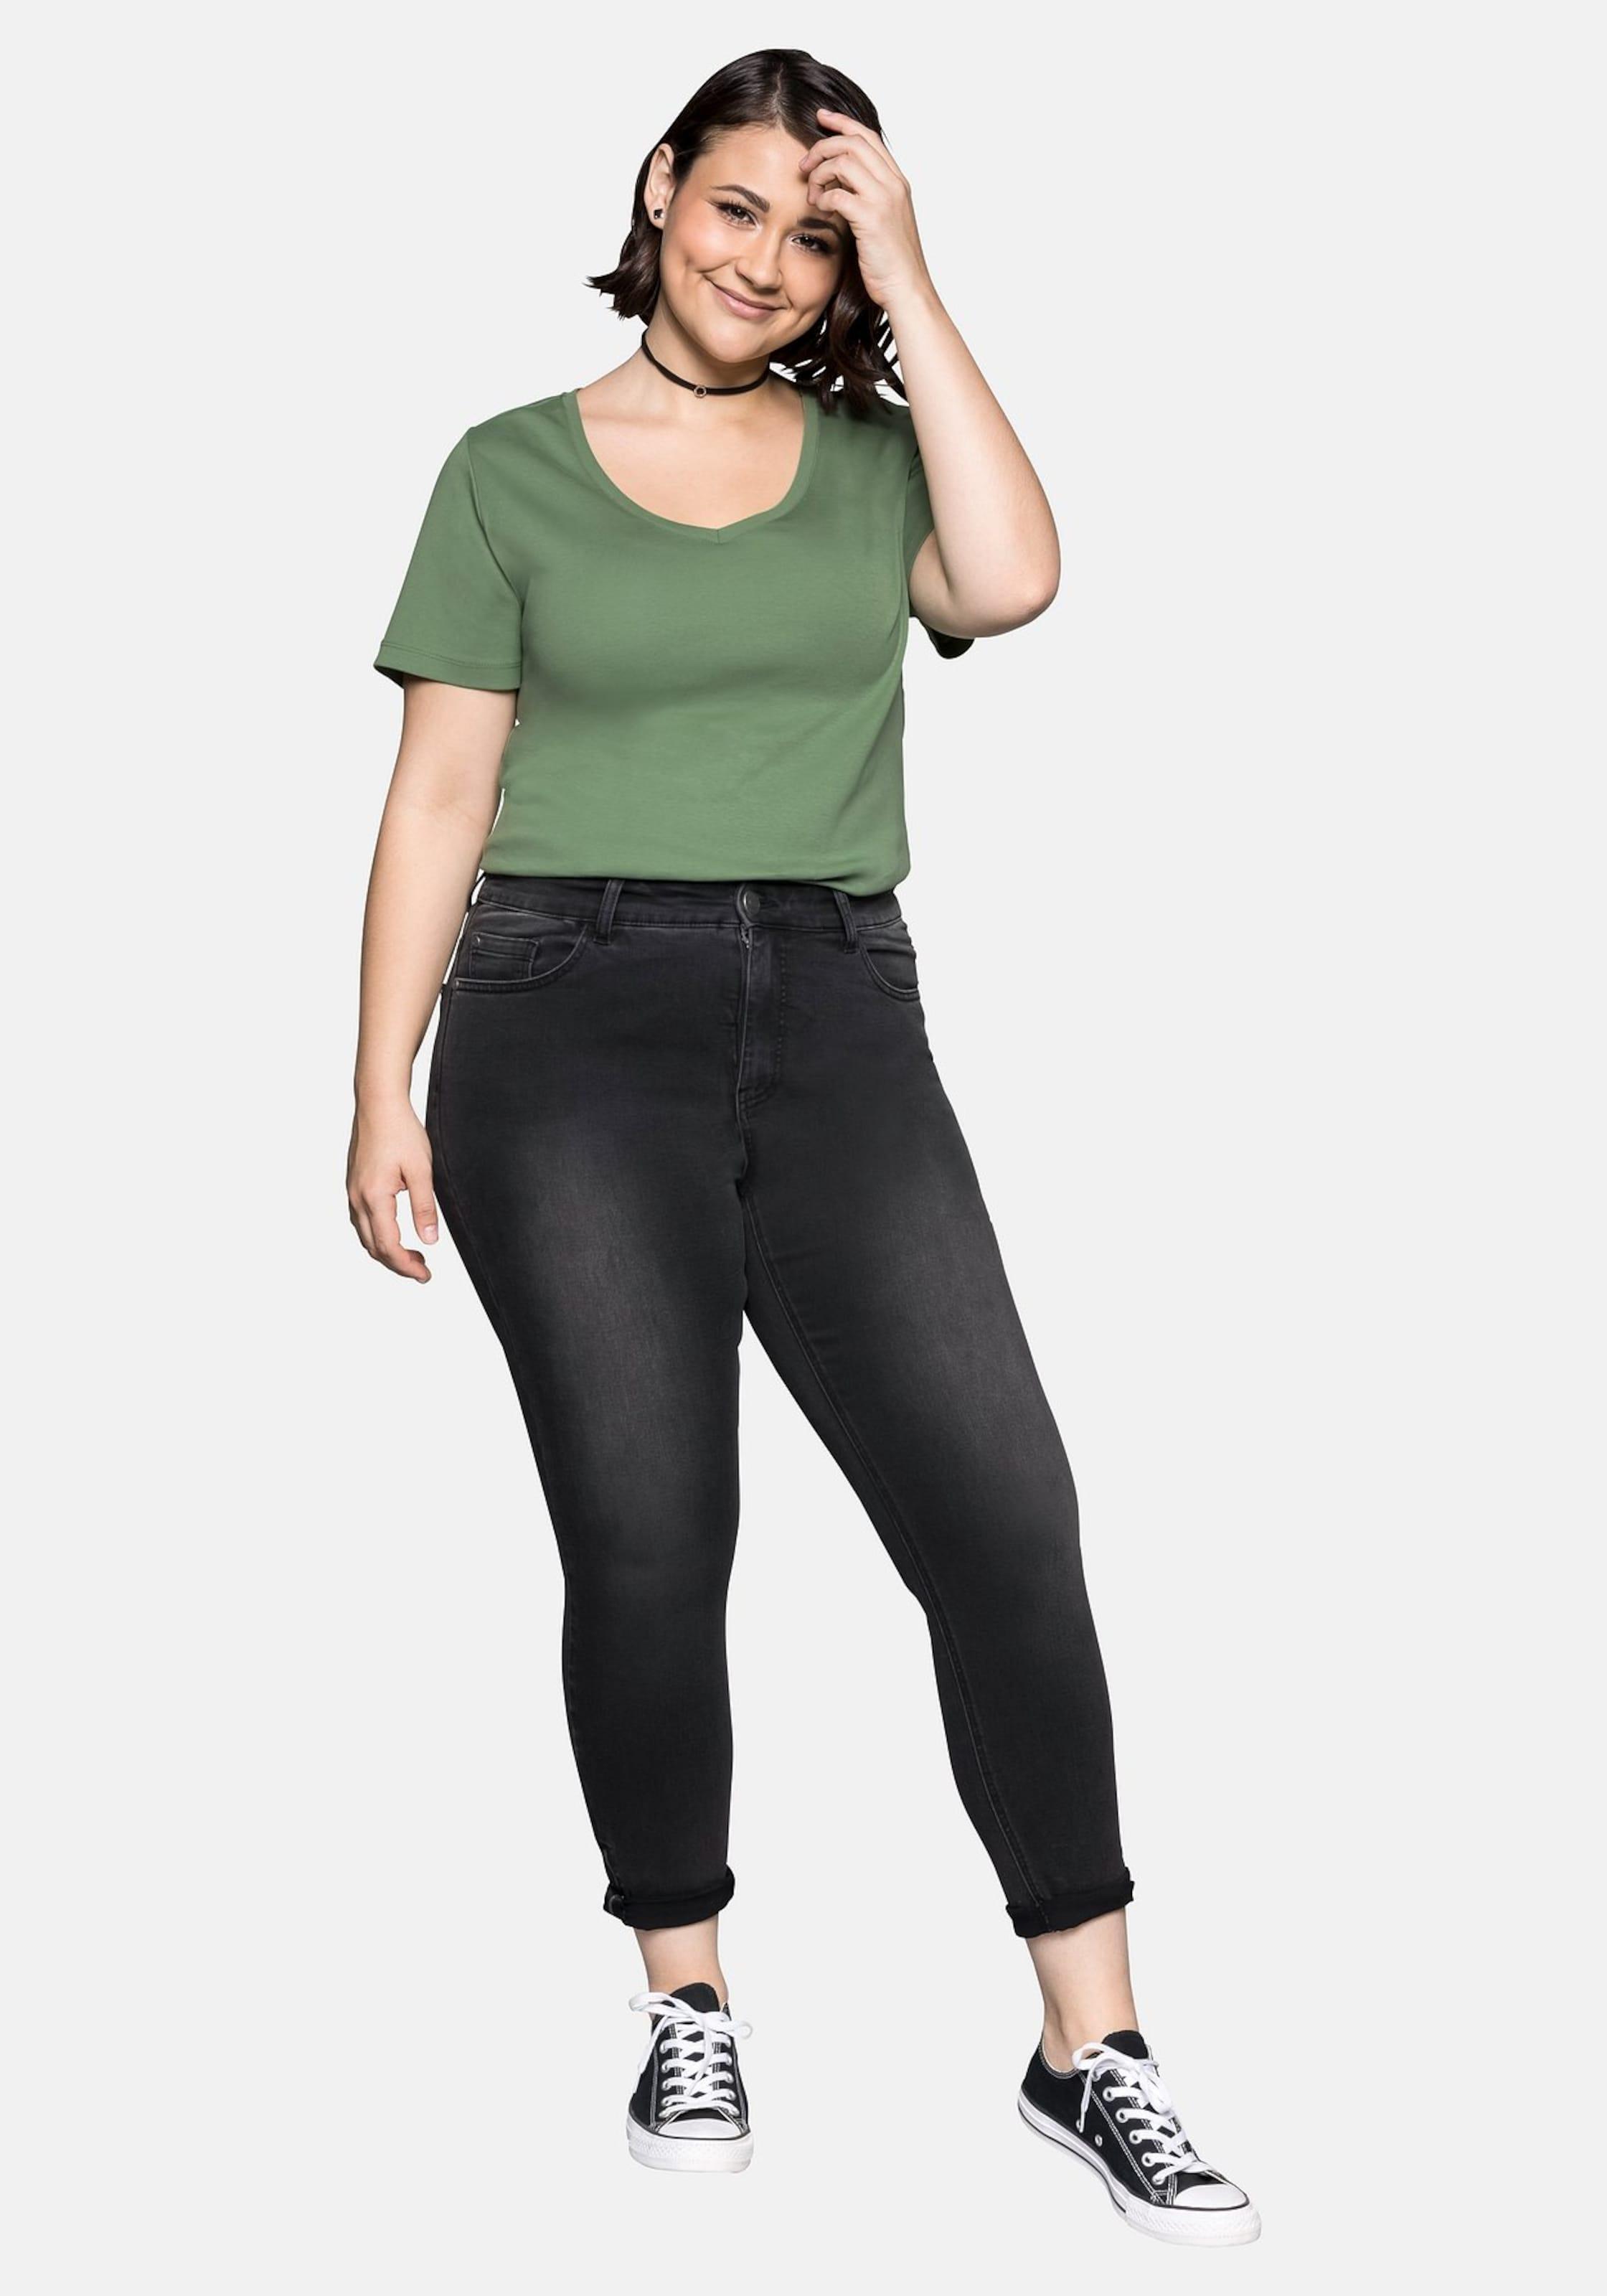 Black Jeans Denim Jeans In Black Sheego Sheego Jeans Sheego Denim In Denim shrQdtCx